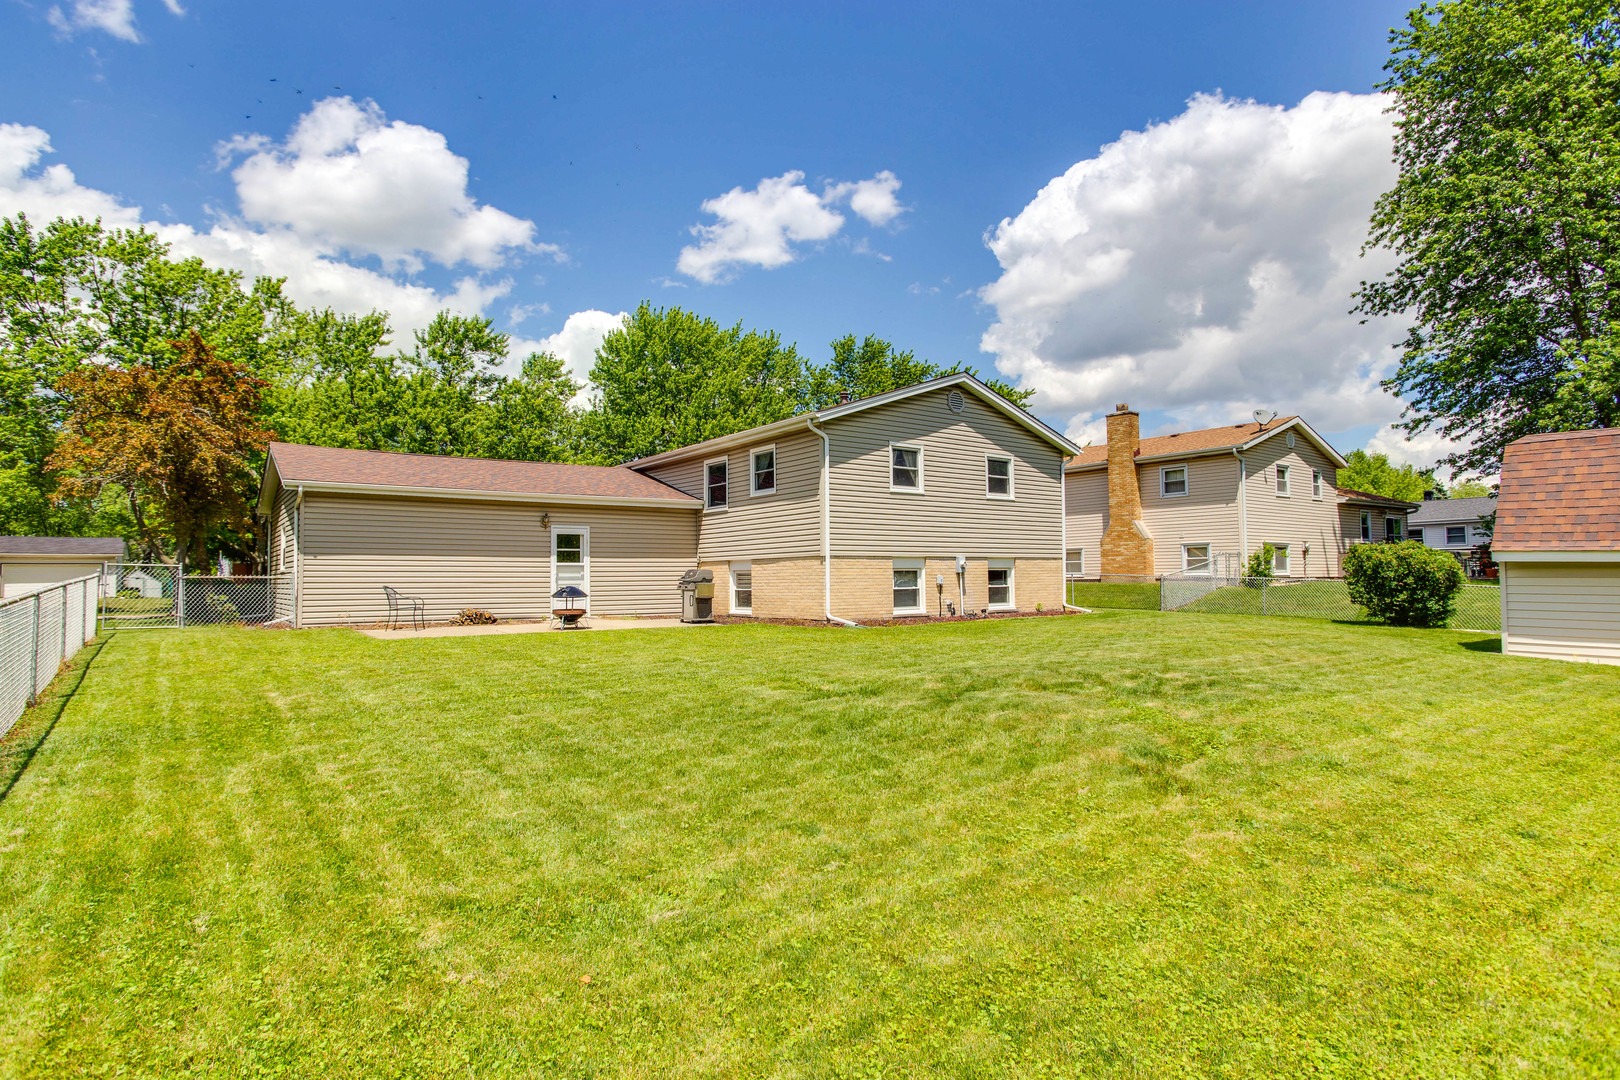 537 Maple, Darien, Illinois, 60561